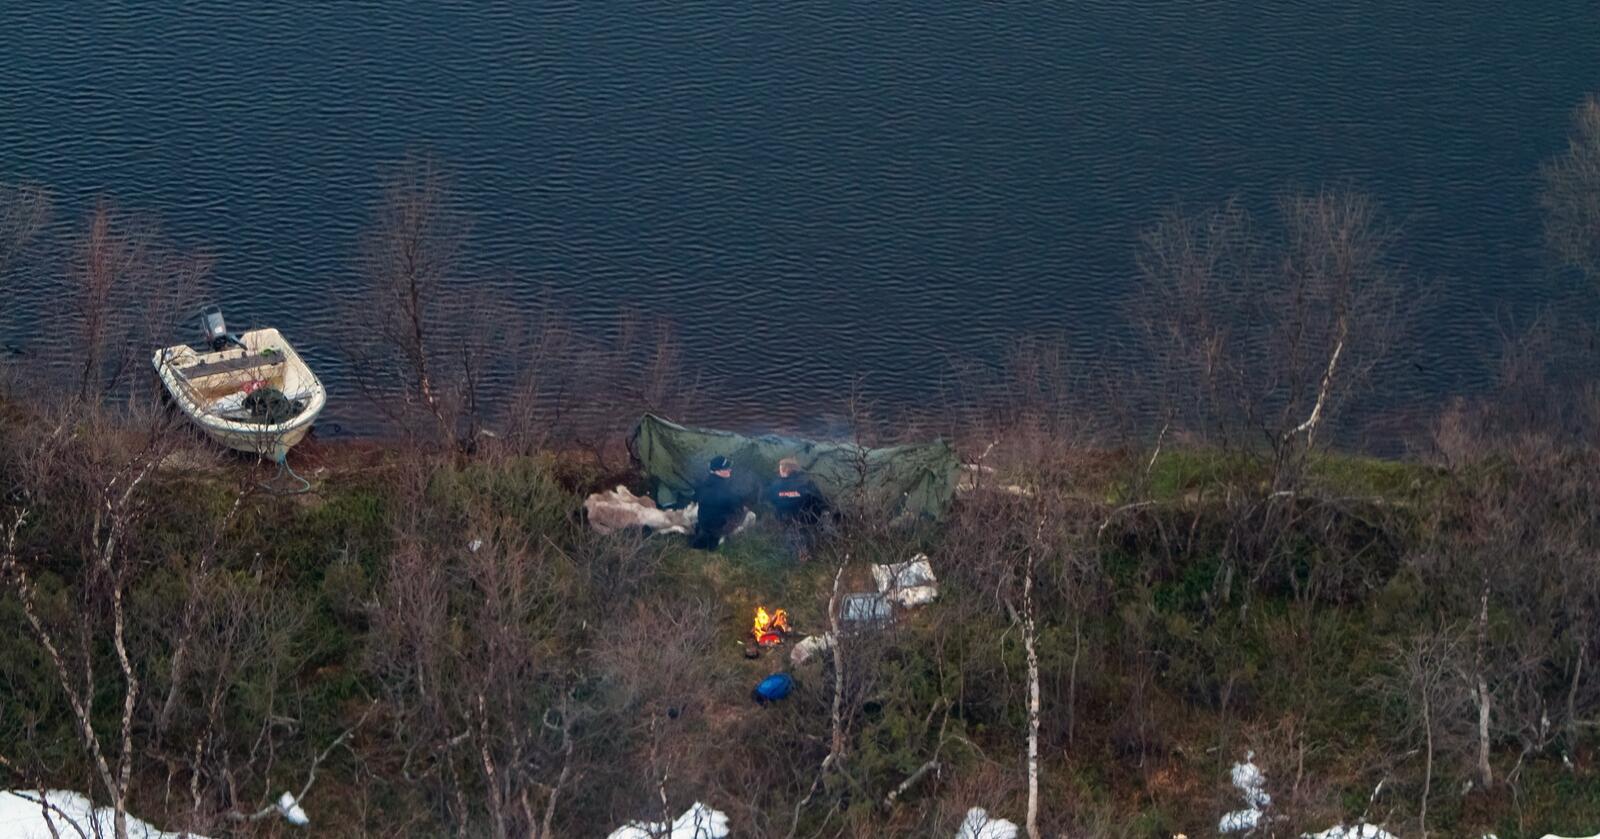 Tyvjakt på ender i Altavassdraget. Jegerne mener det er innenfor samisk sedvane. Bildet er frigitt av politiet. Foto: Statens naturoppsyn